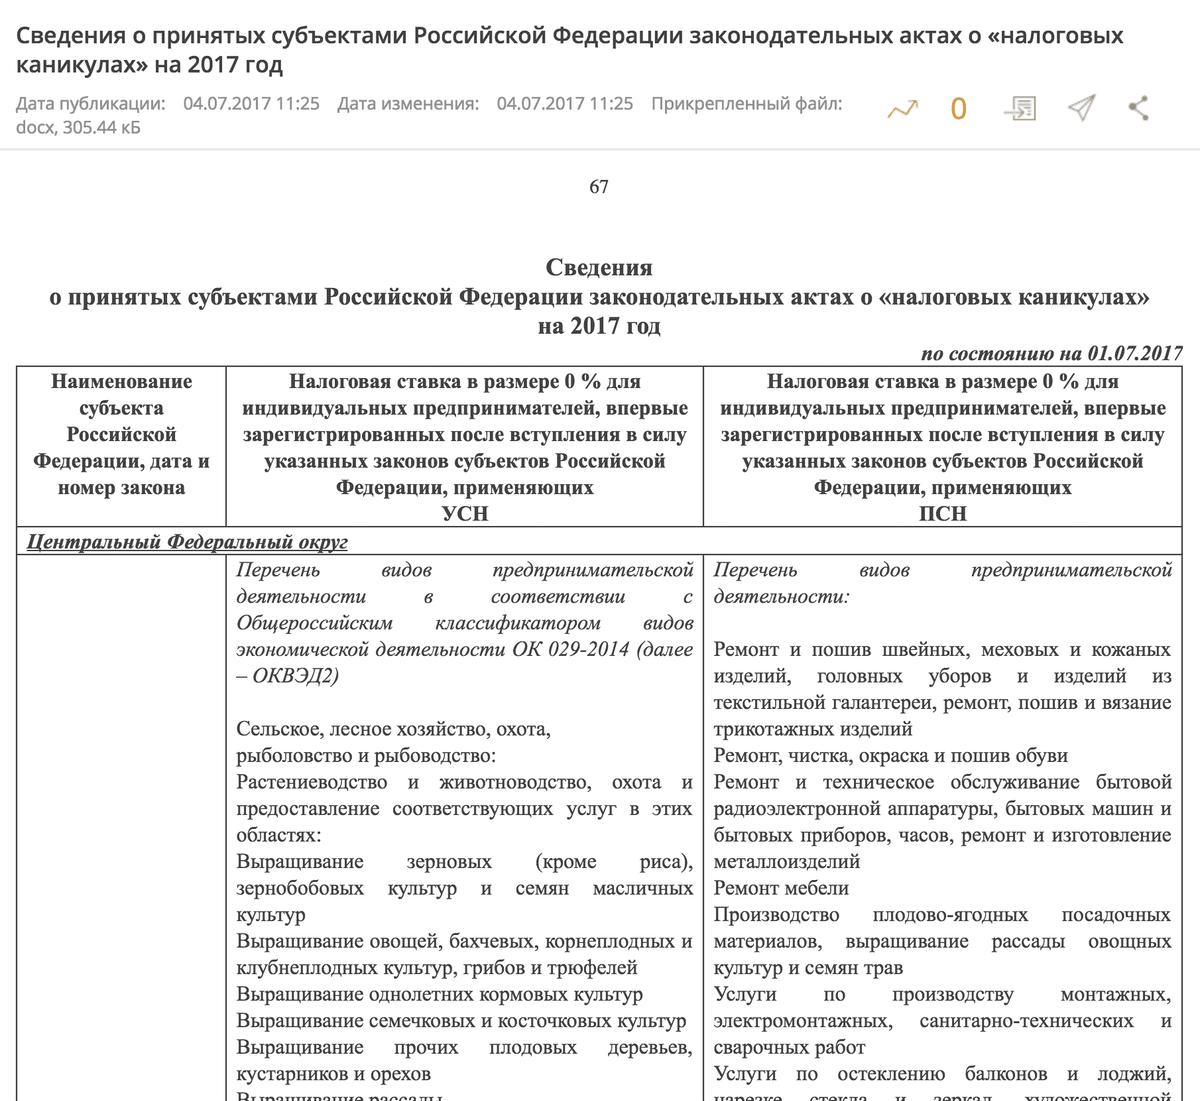 Субъекты РФ самостоятельно вводят налоговые каникулы для отдельных категорий ИП